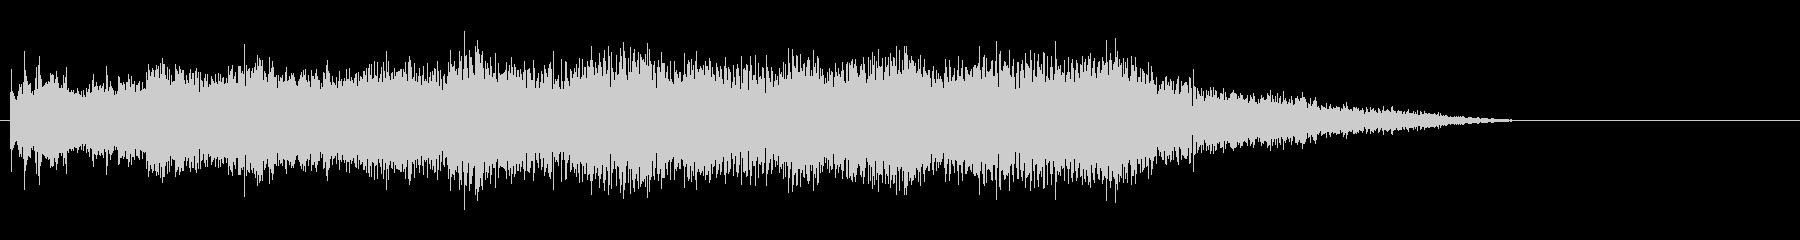 アイキャッチ 40の未再生の波形